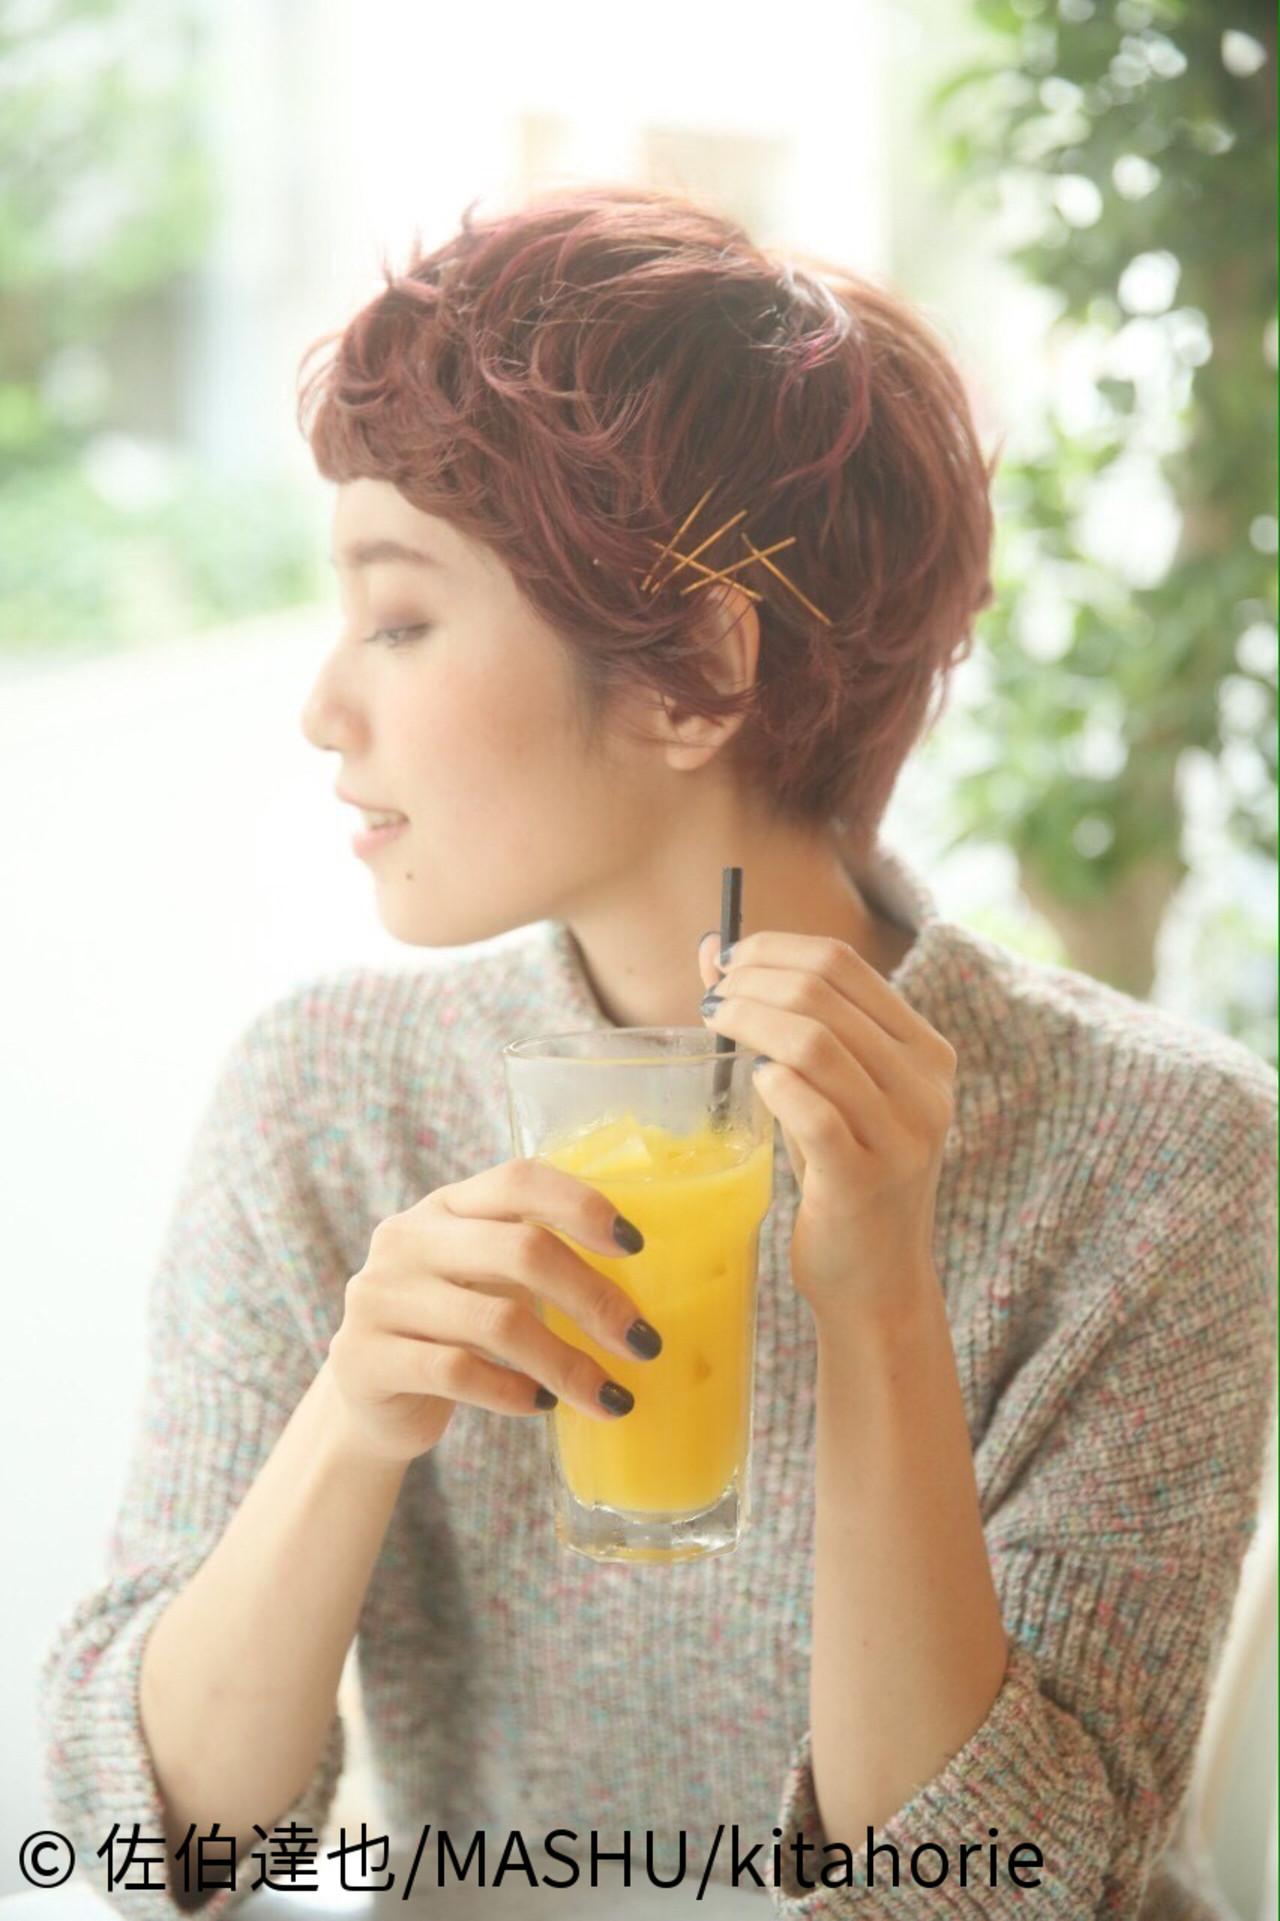 ピュア 夏 ヘアアレンジ ショート ヘアスタイルや髪型の写真・画像